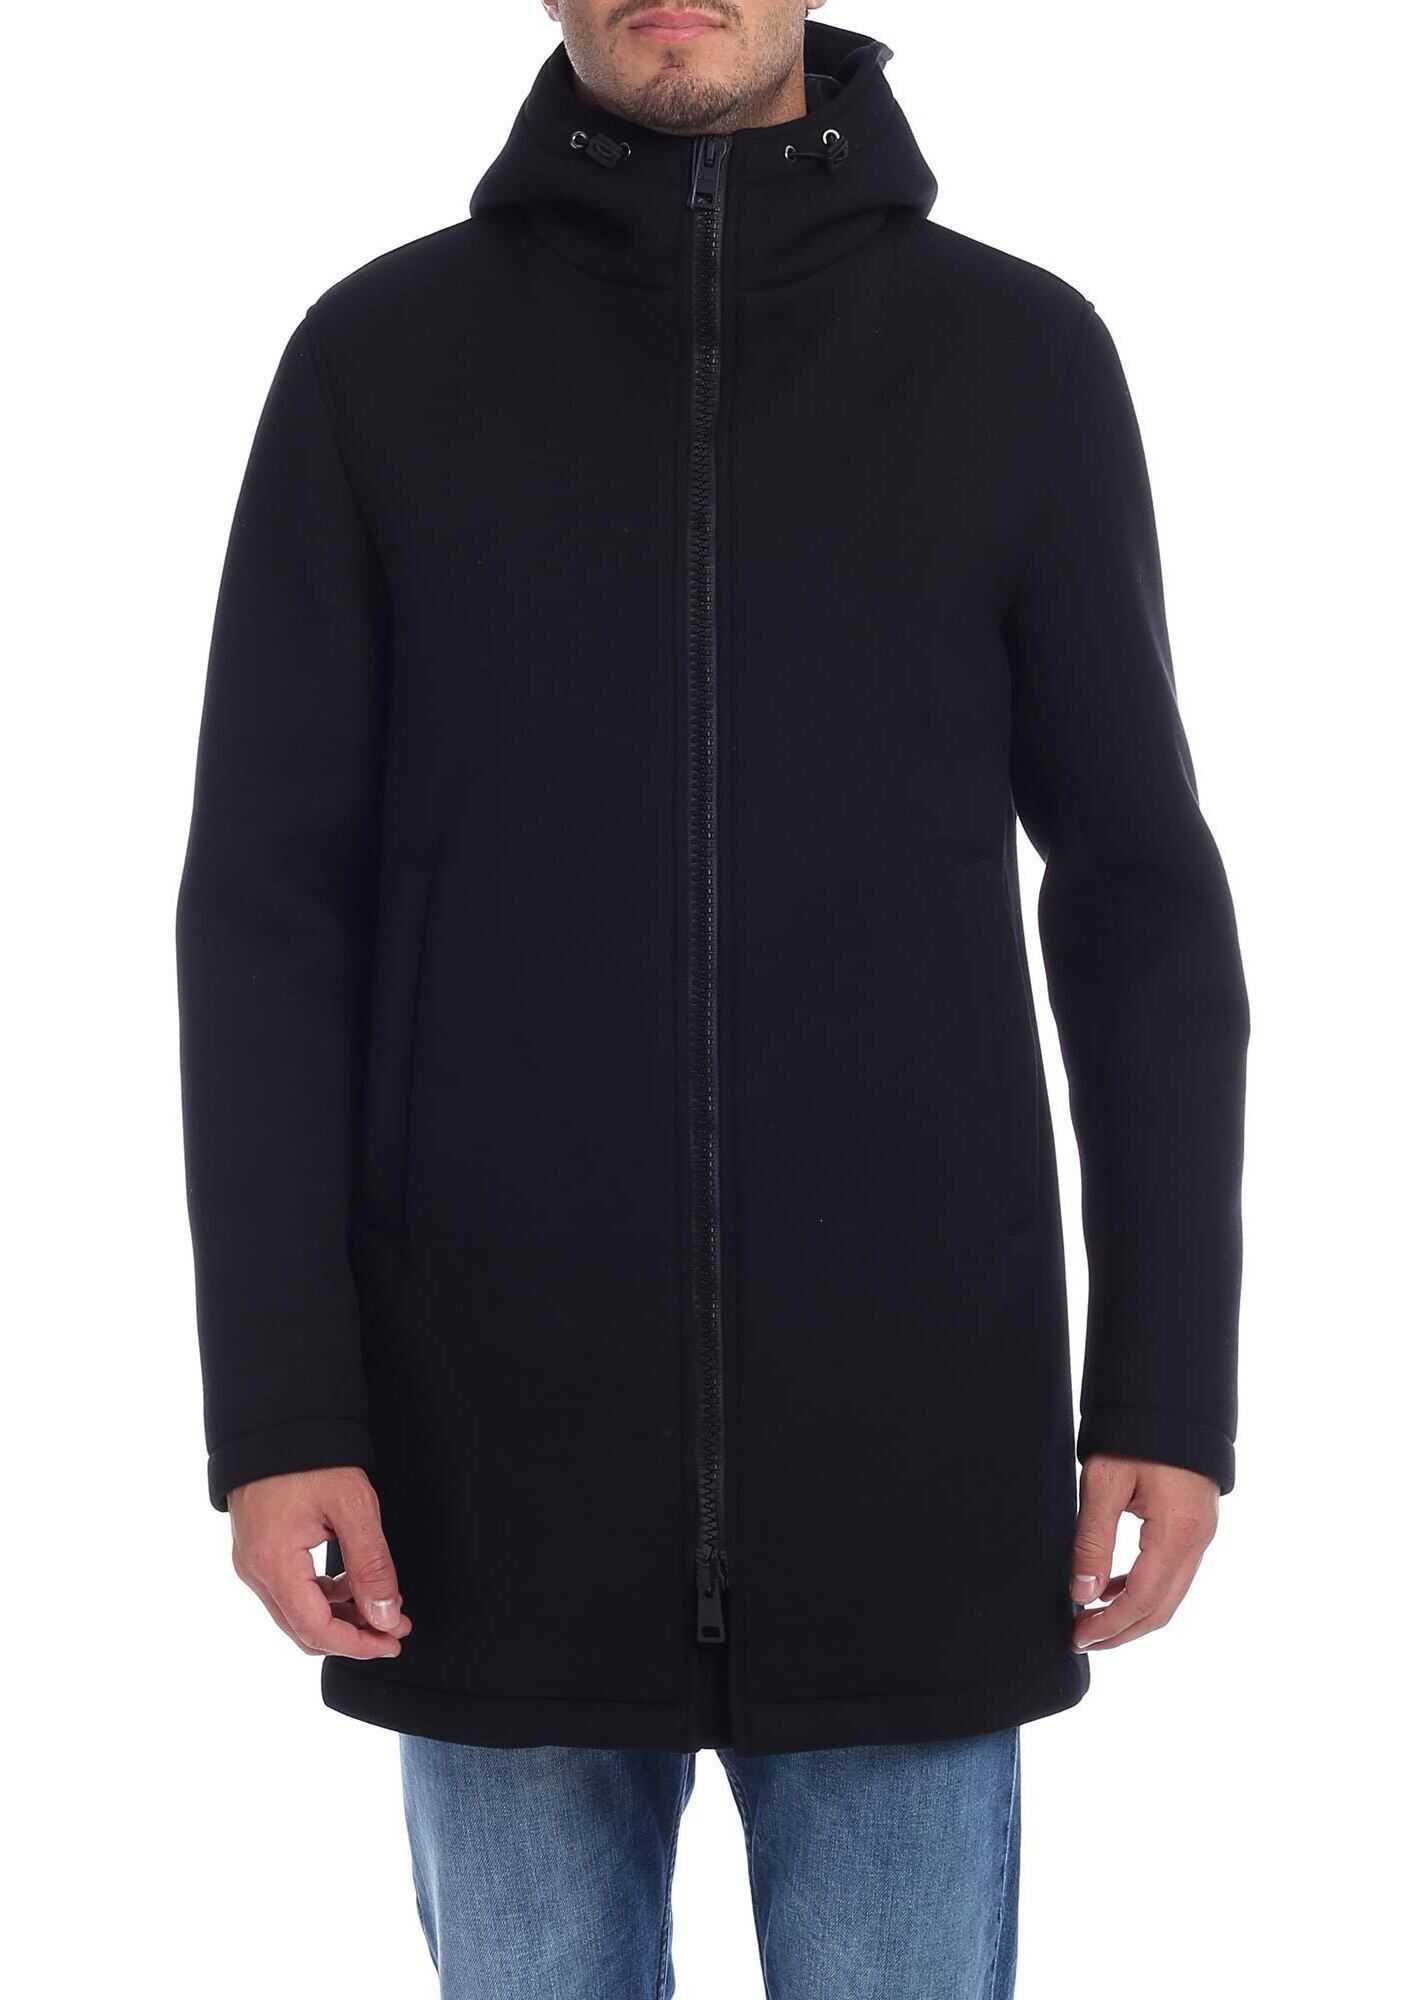 Herno Black Coat In Diagonal Fabric Black imagine